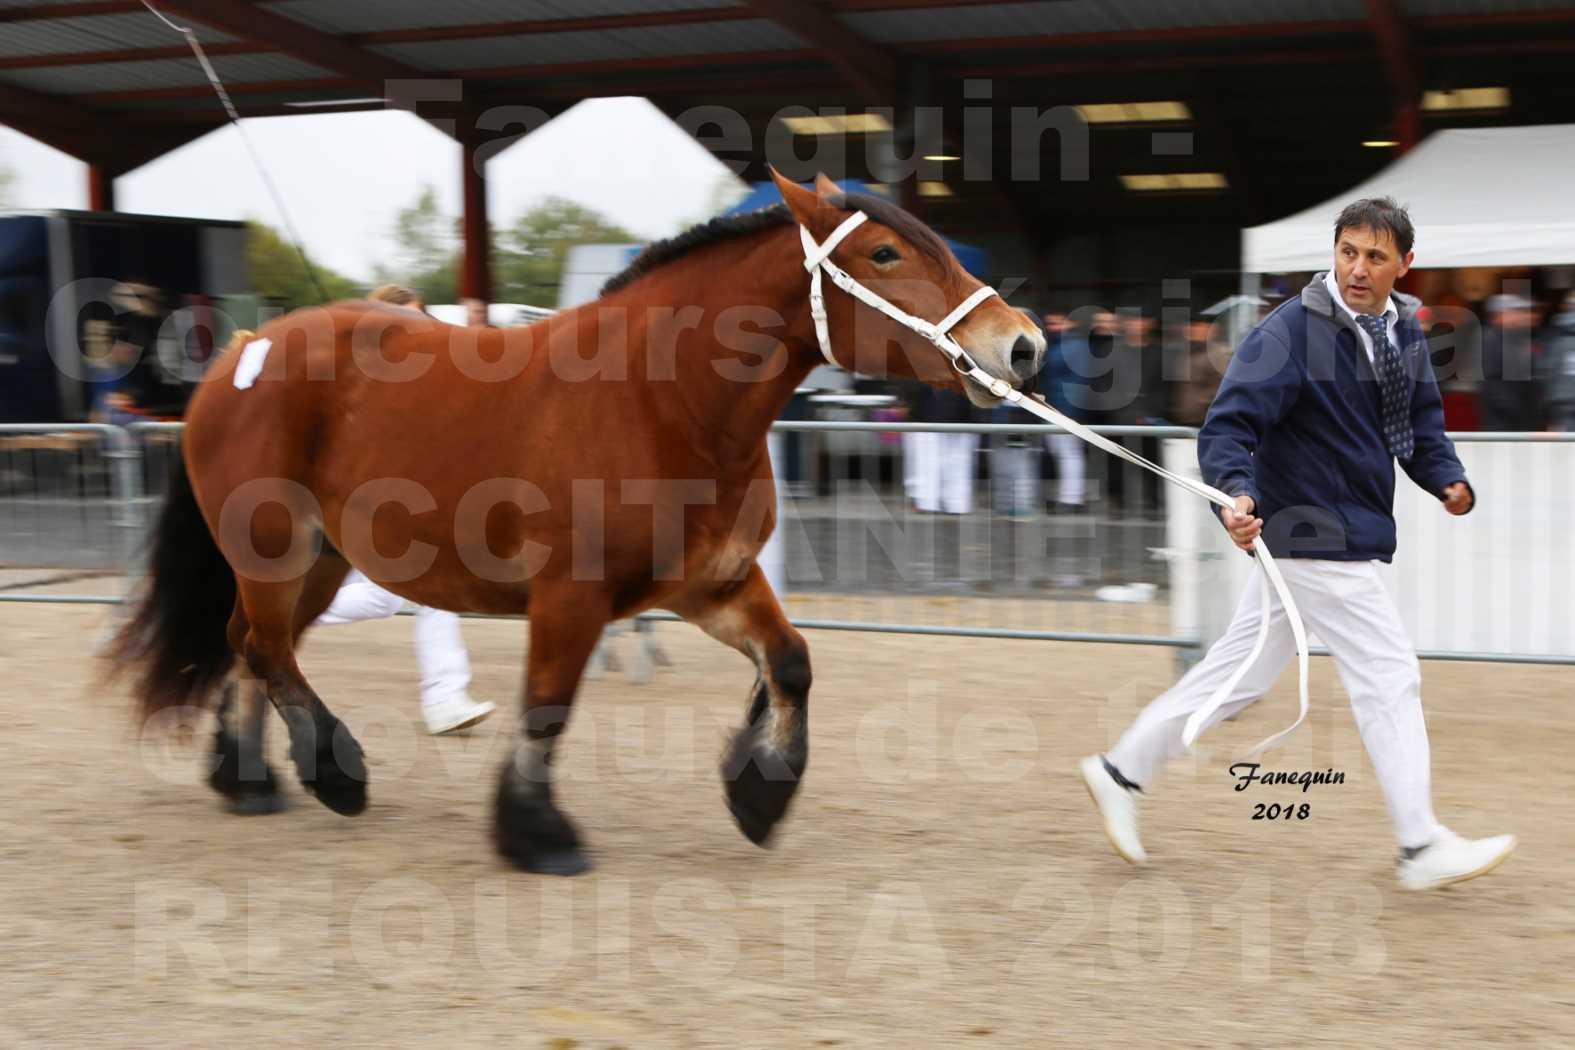 Concours Régional OCCITANIE de chevaux de traits à REQUISTA - COMETE DE GRILLOLES - 3